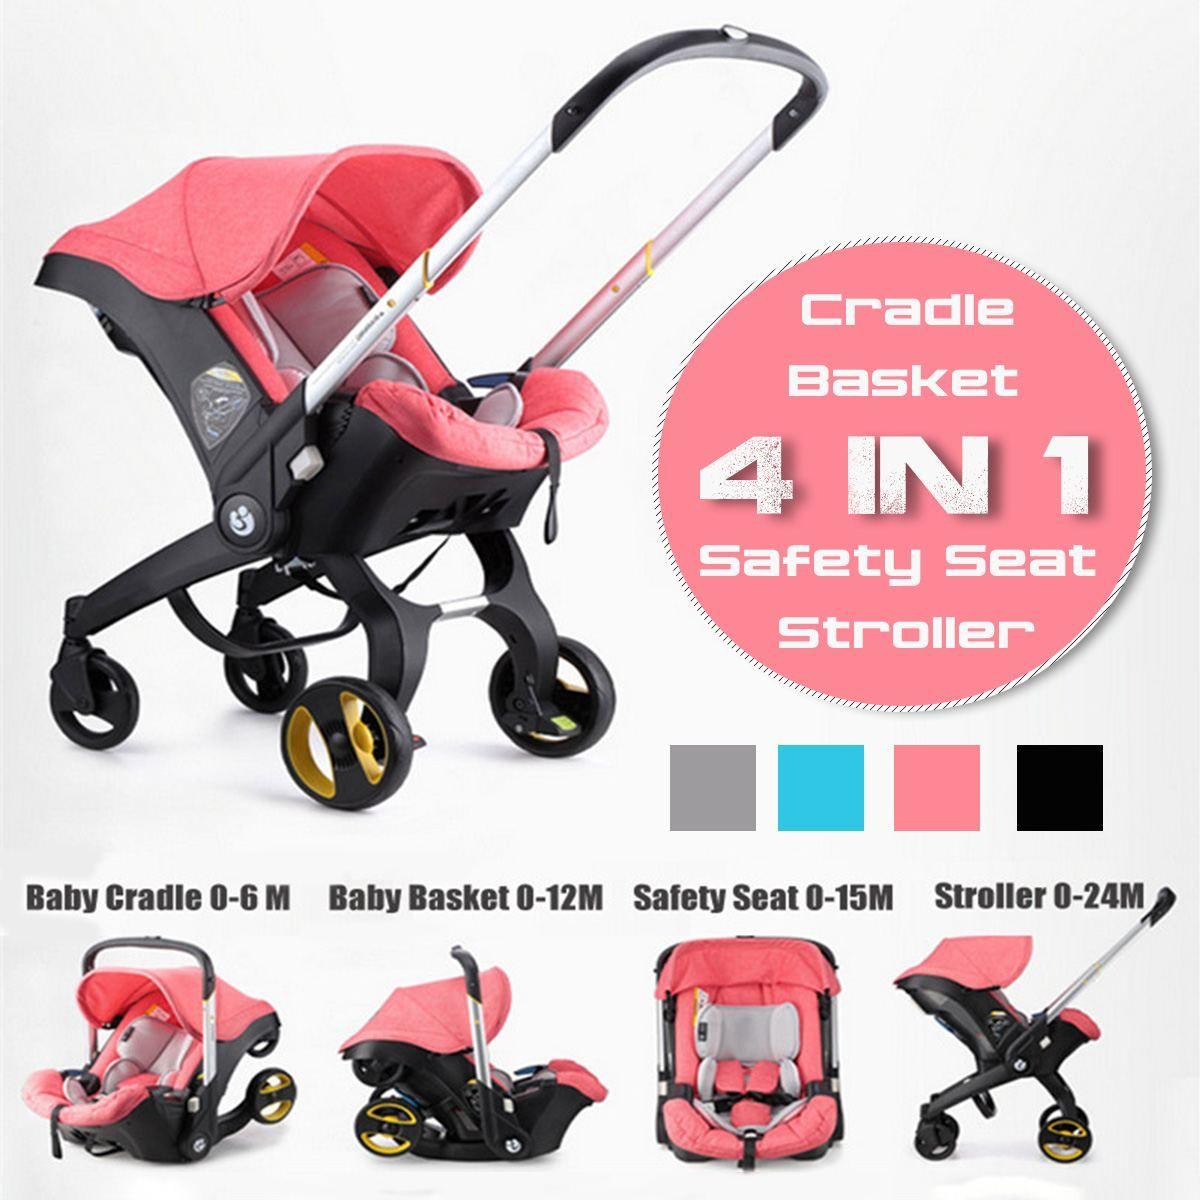 4 IN 1 Auto Sitz Kinderwagen Baby Wagen Korb Tragbare Travel System Kinderwagen mit Sicherheit Sitz für 0-3 jahre baby